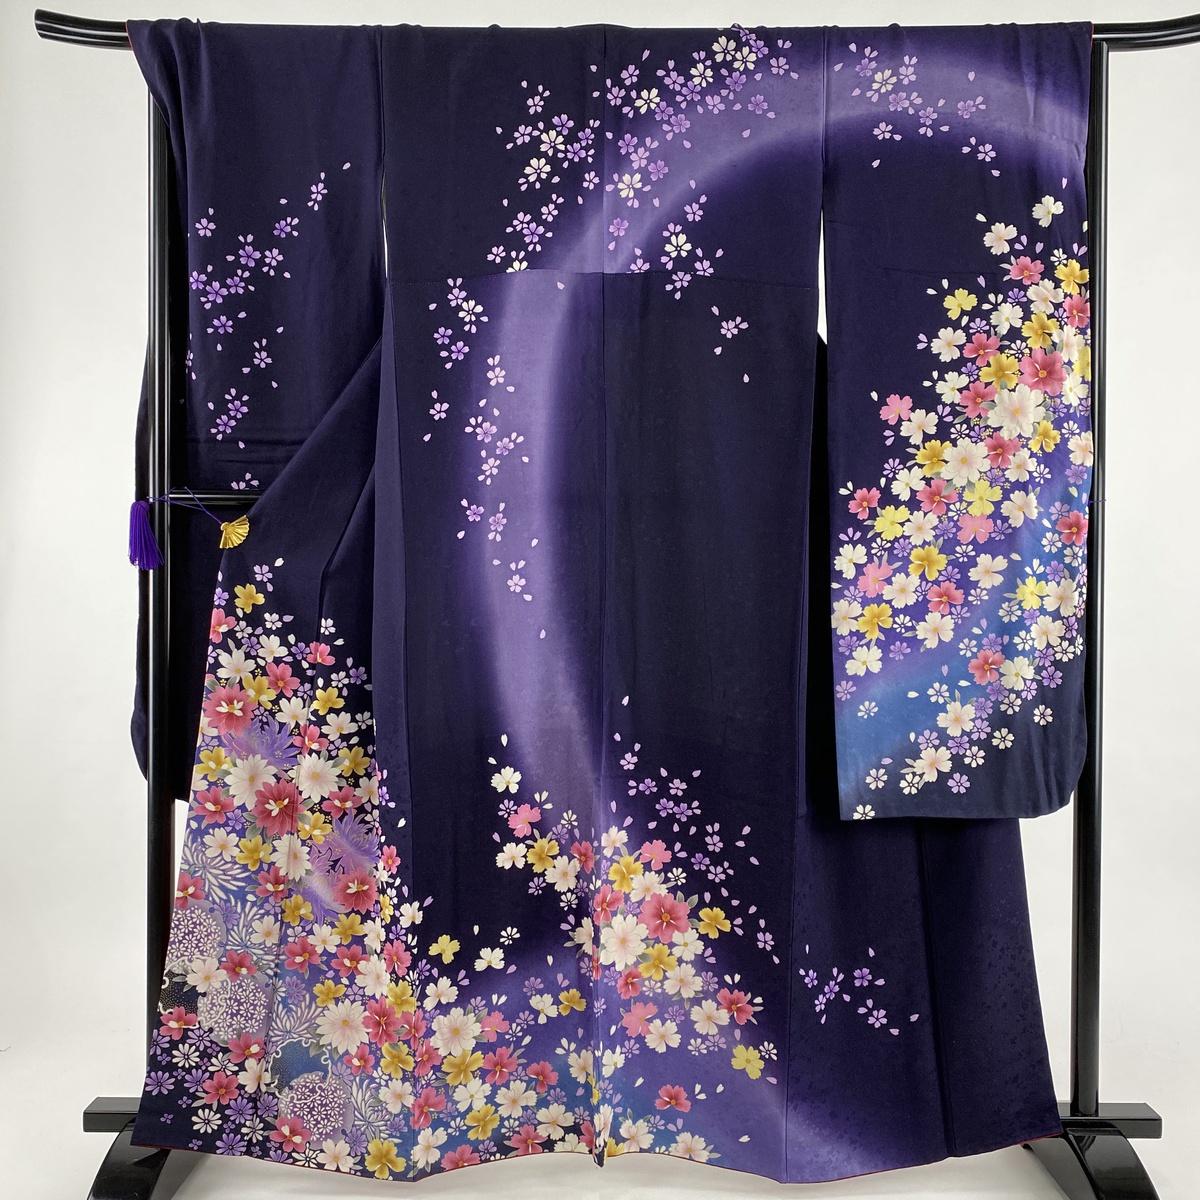 激安 振袖 逸品 雪輪 草花 銀通 濃紫 袷 身丈161cm 裄丈69cm L 正絹, 九州トータルプランニング b6b494de